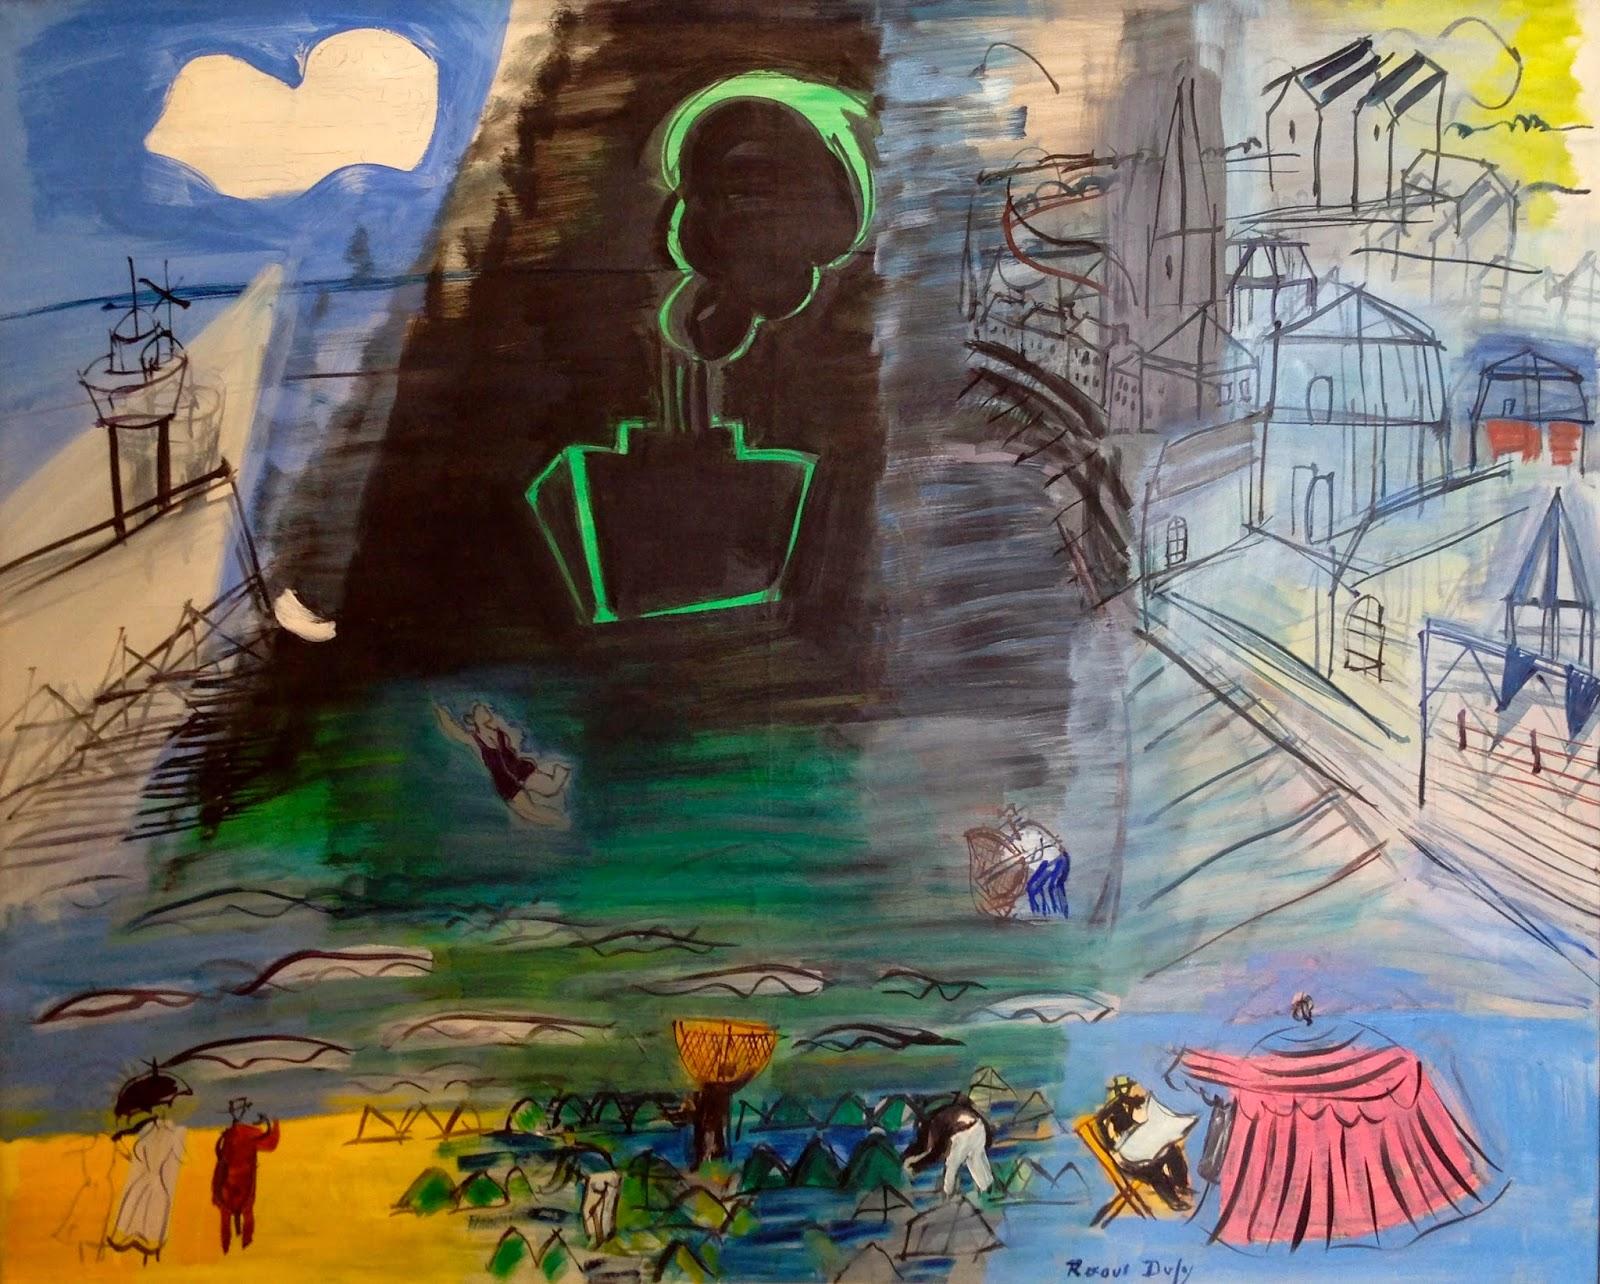 ÚLTIMA EXPOSICIÓN QUE HAS VISTO - Página 6 Raoul+Dufy+(1877-1953)+The+Black+Cargo+ship+1952